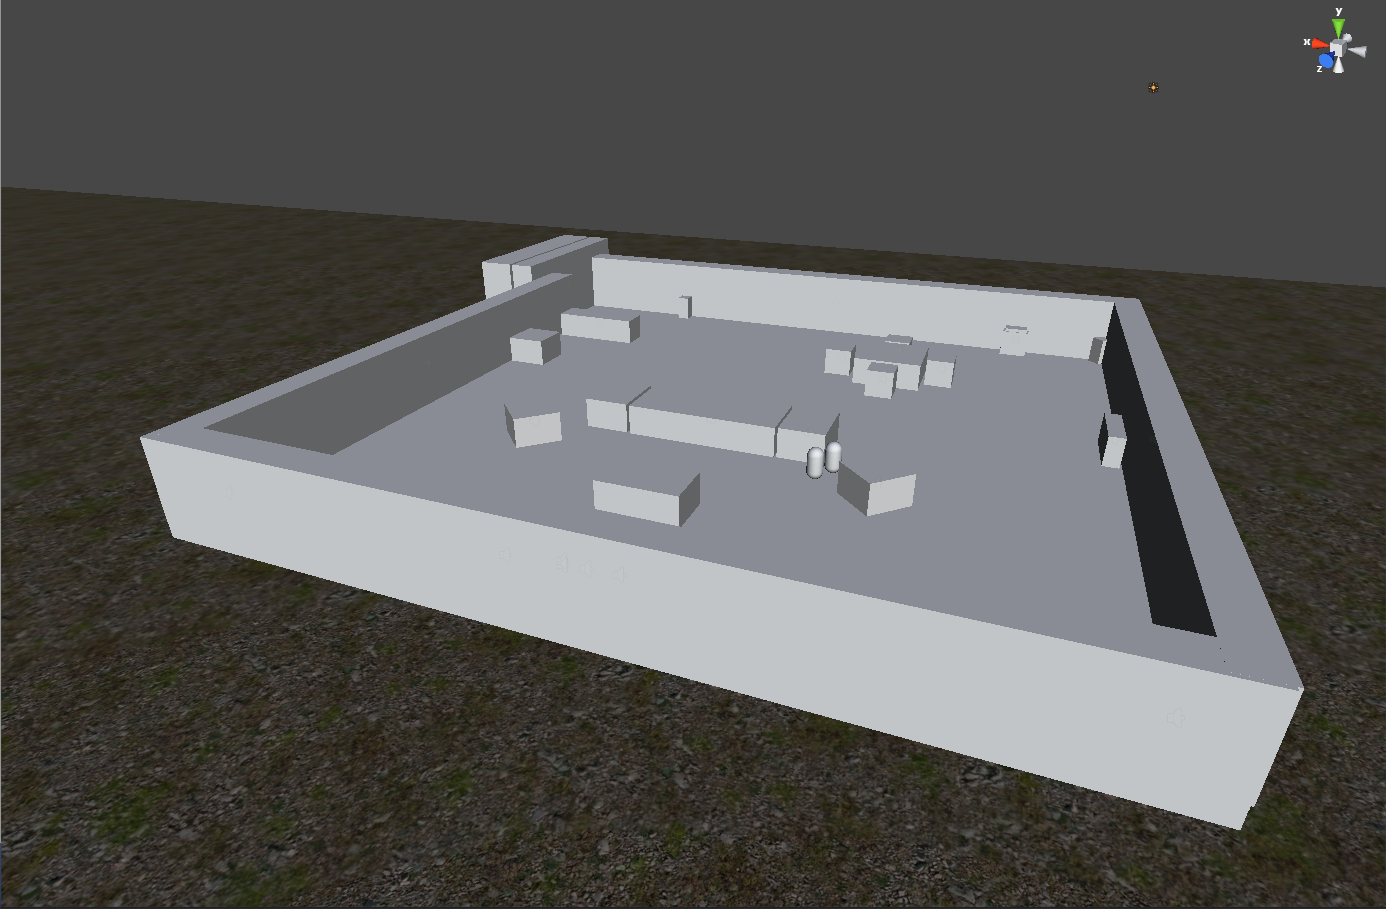 Example level layout